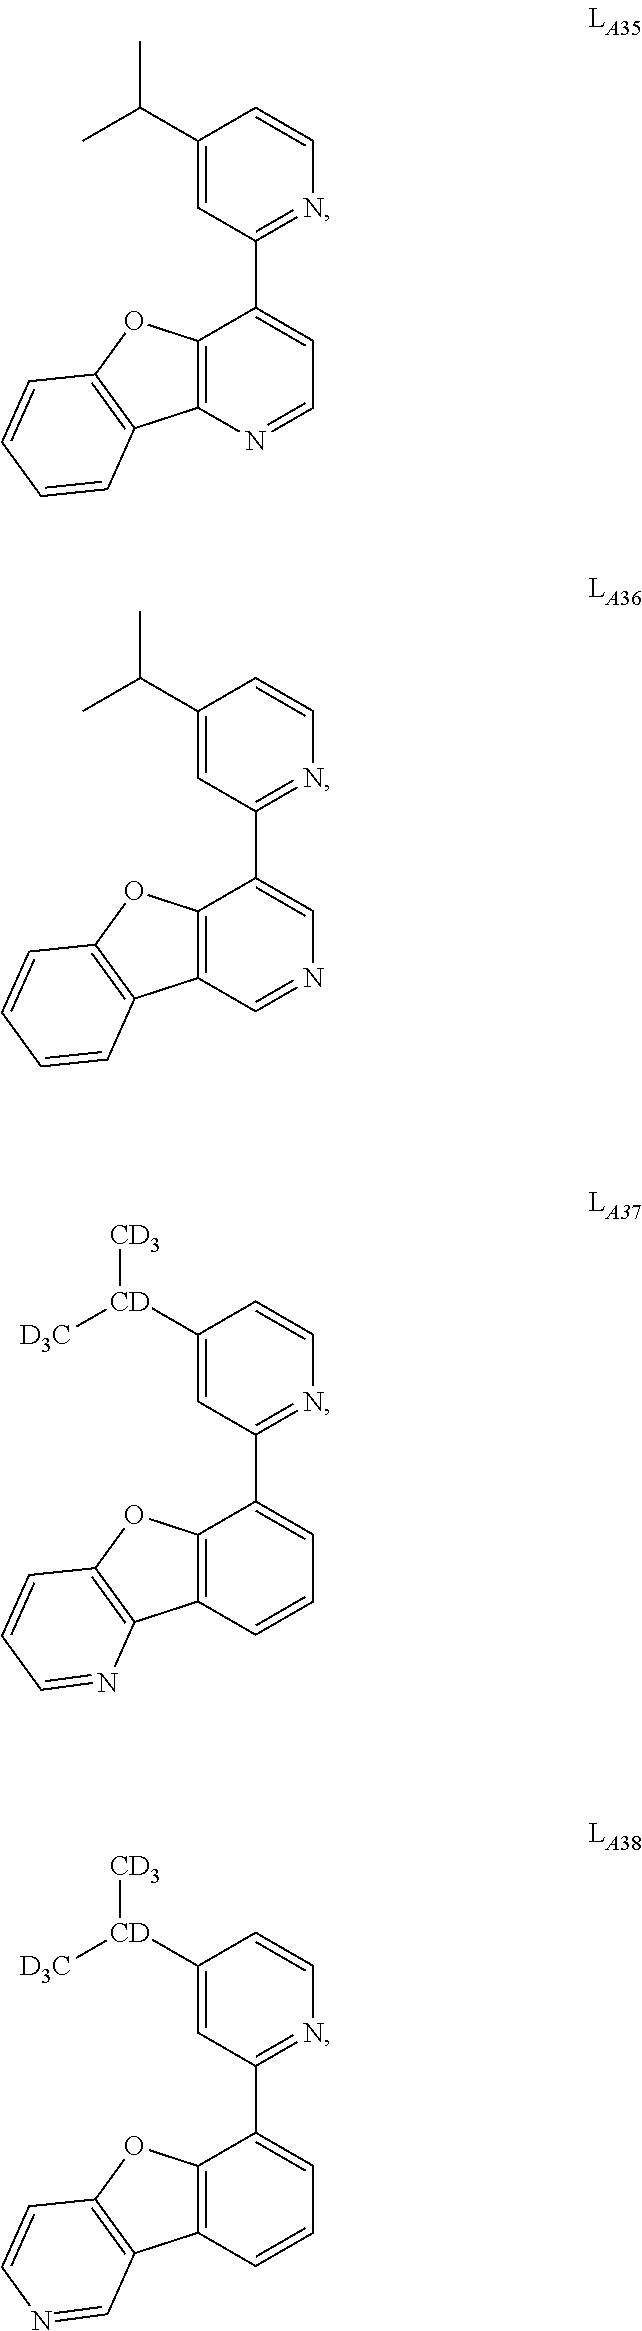 Figure US09634264-20170425-C00056